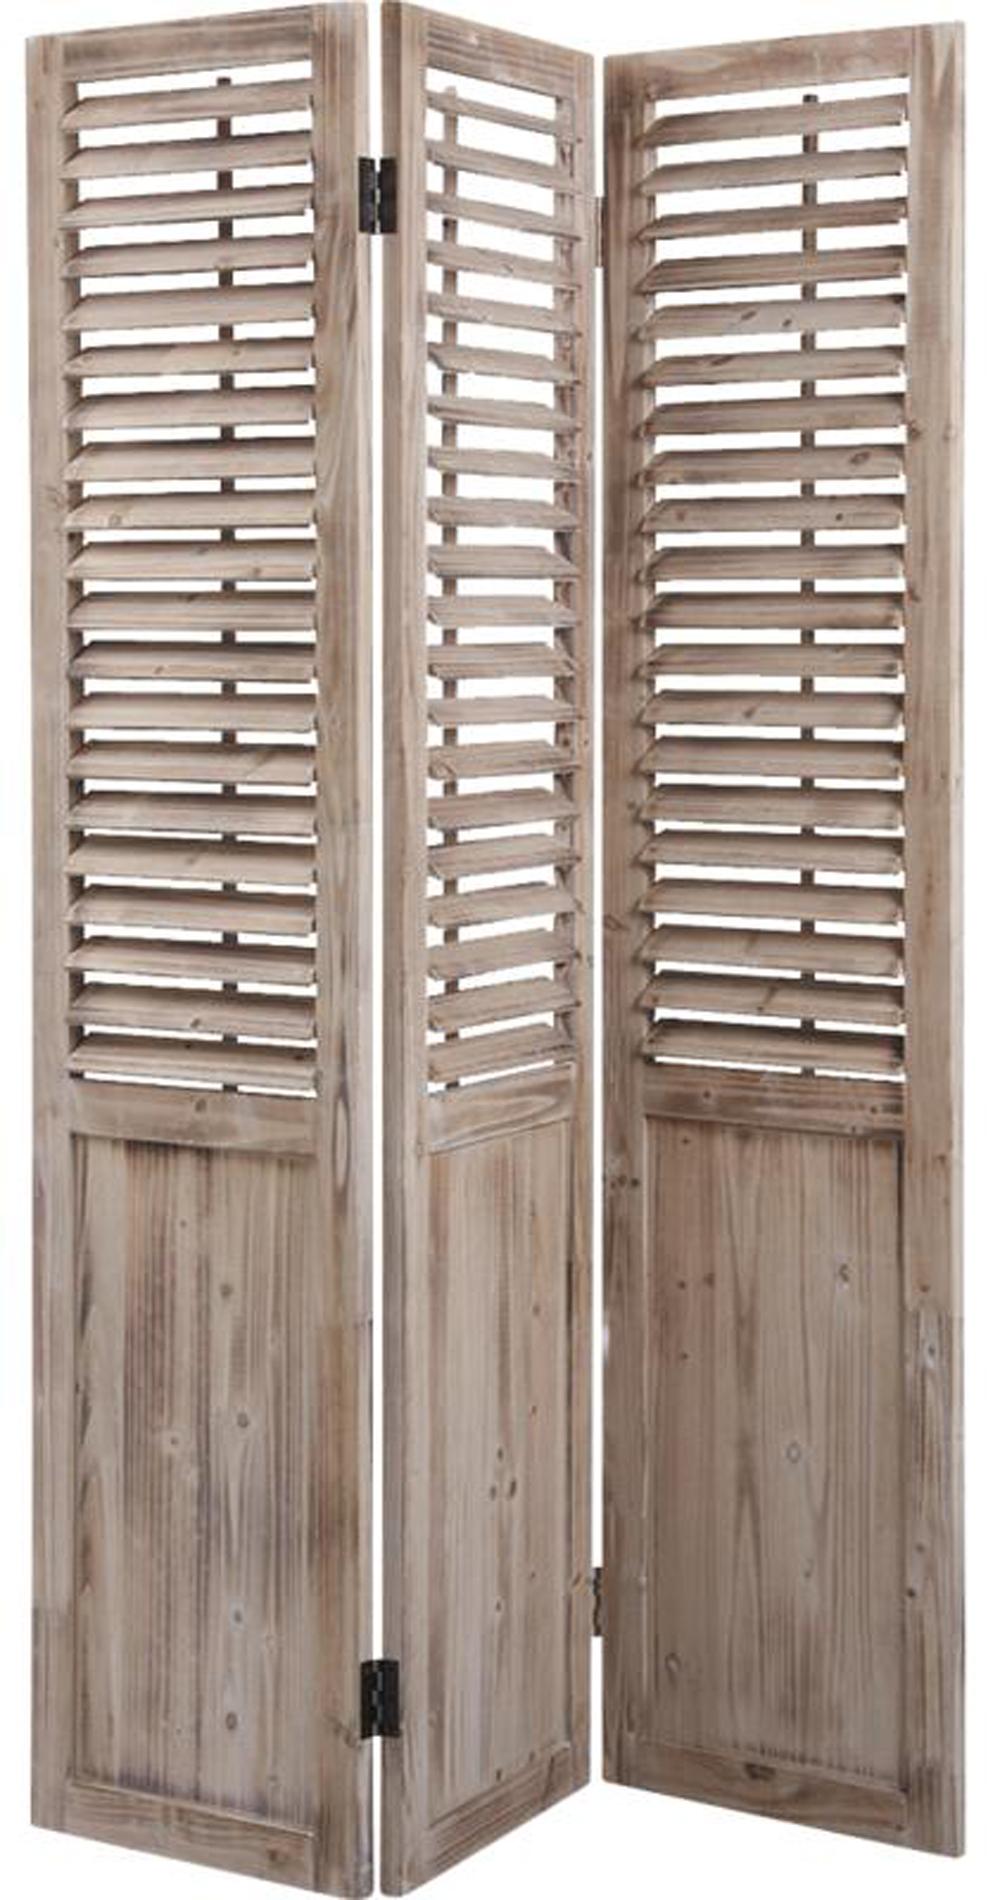 paravent en bois vieilli avec persiennes mobiles de 3 panneaux. Black Bedroom Furniture Sets. Home Design Ideas